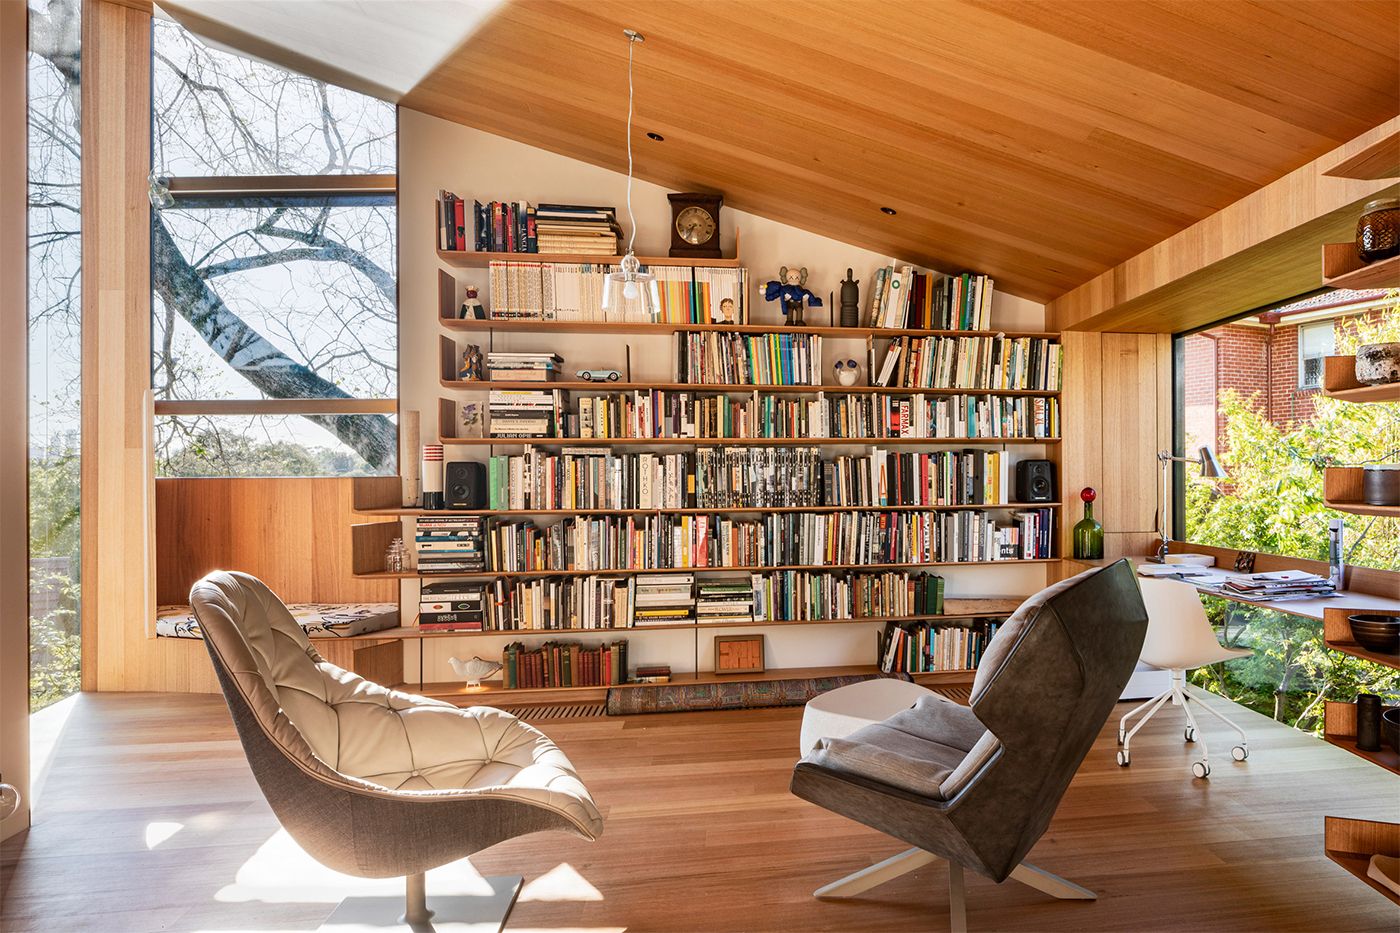 Wardle renueva casa madera